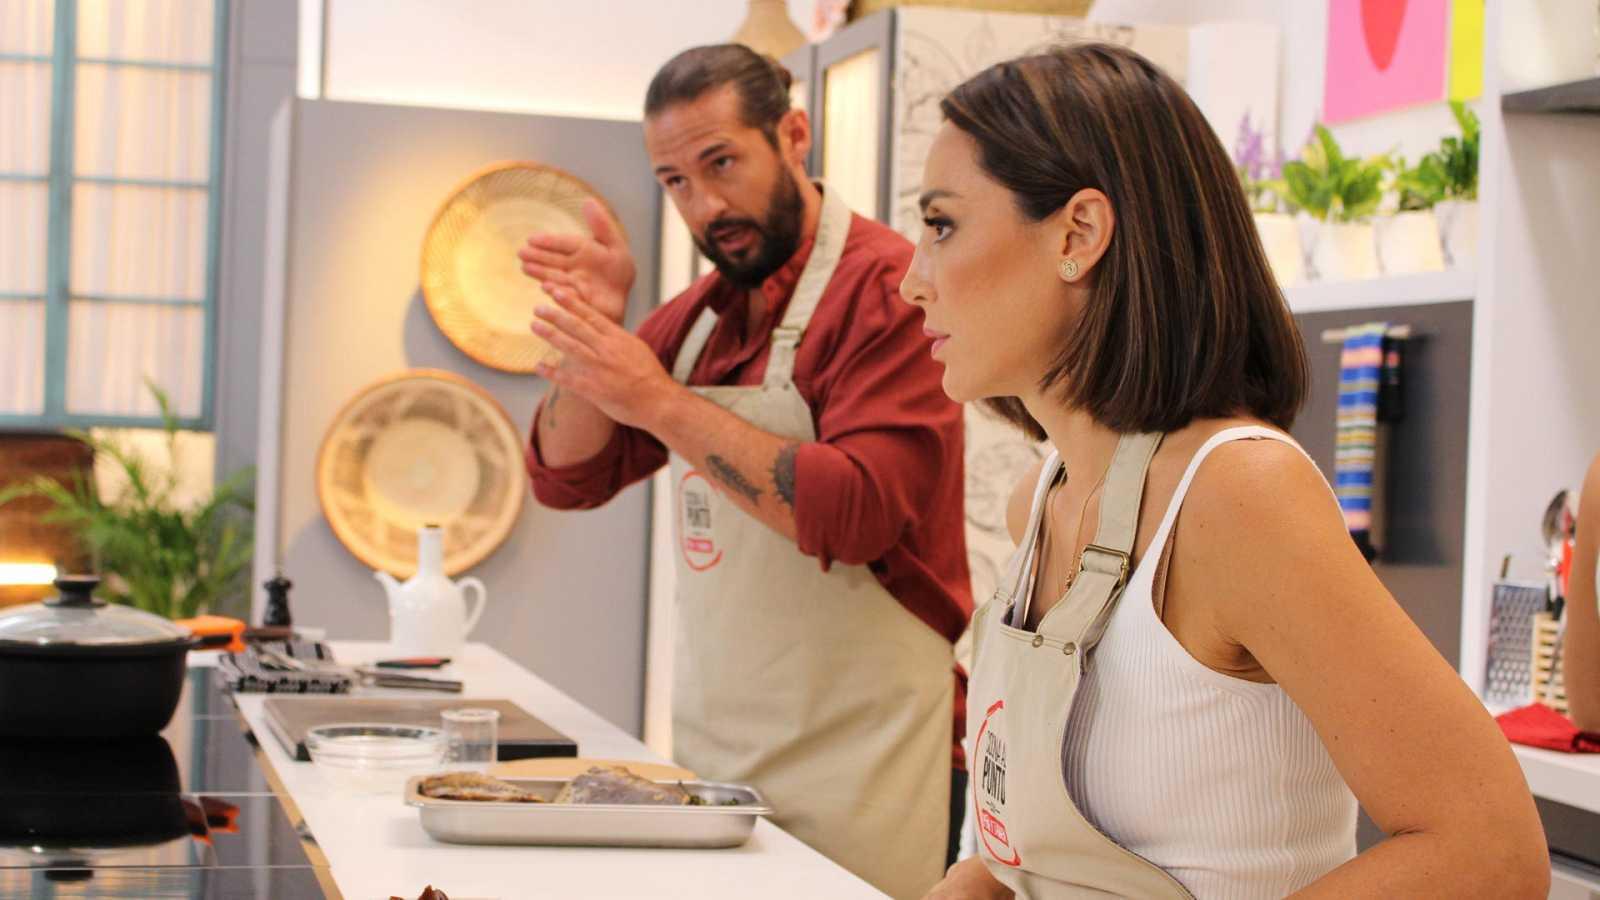 Cocina al punto con Peña y Tamara - Atún rojo - ver ahora